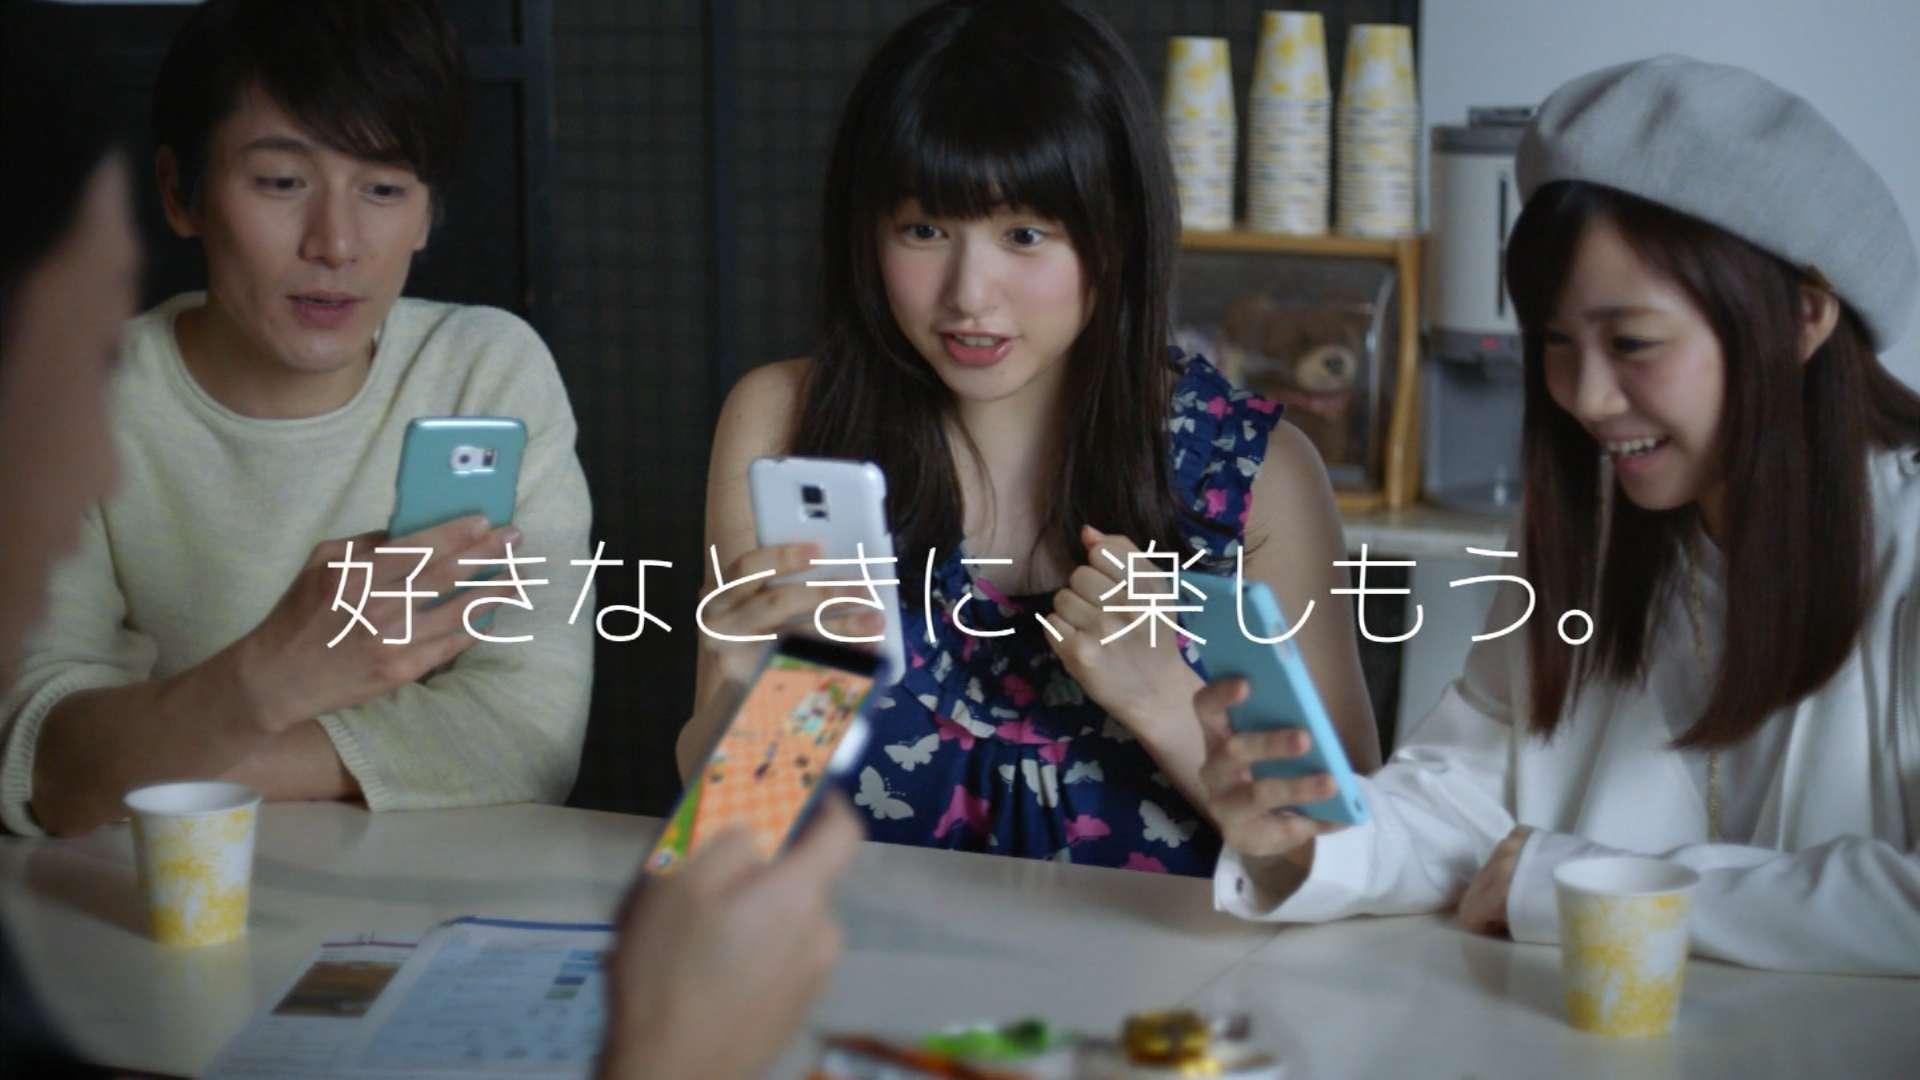 桜井日奈子 画像14